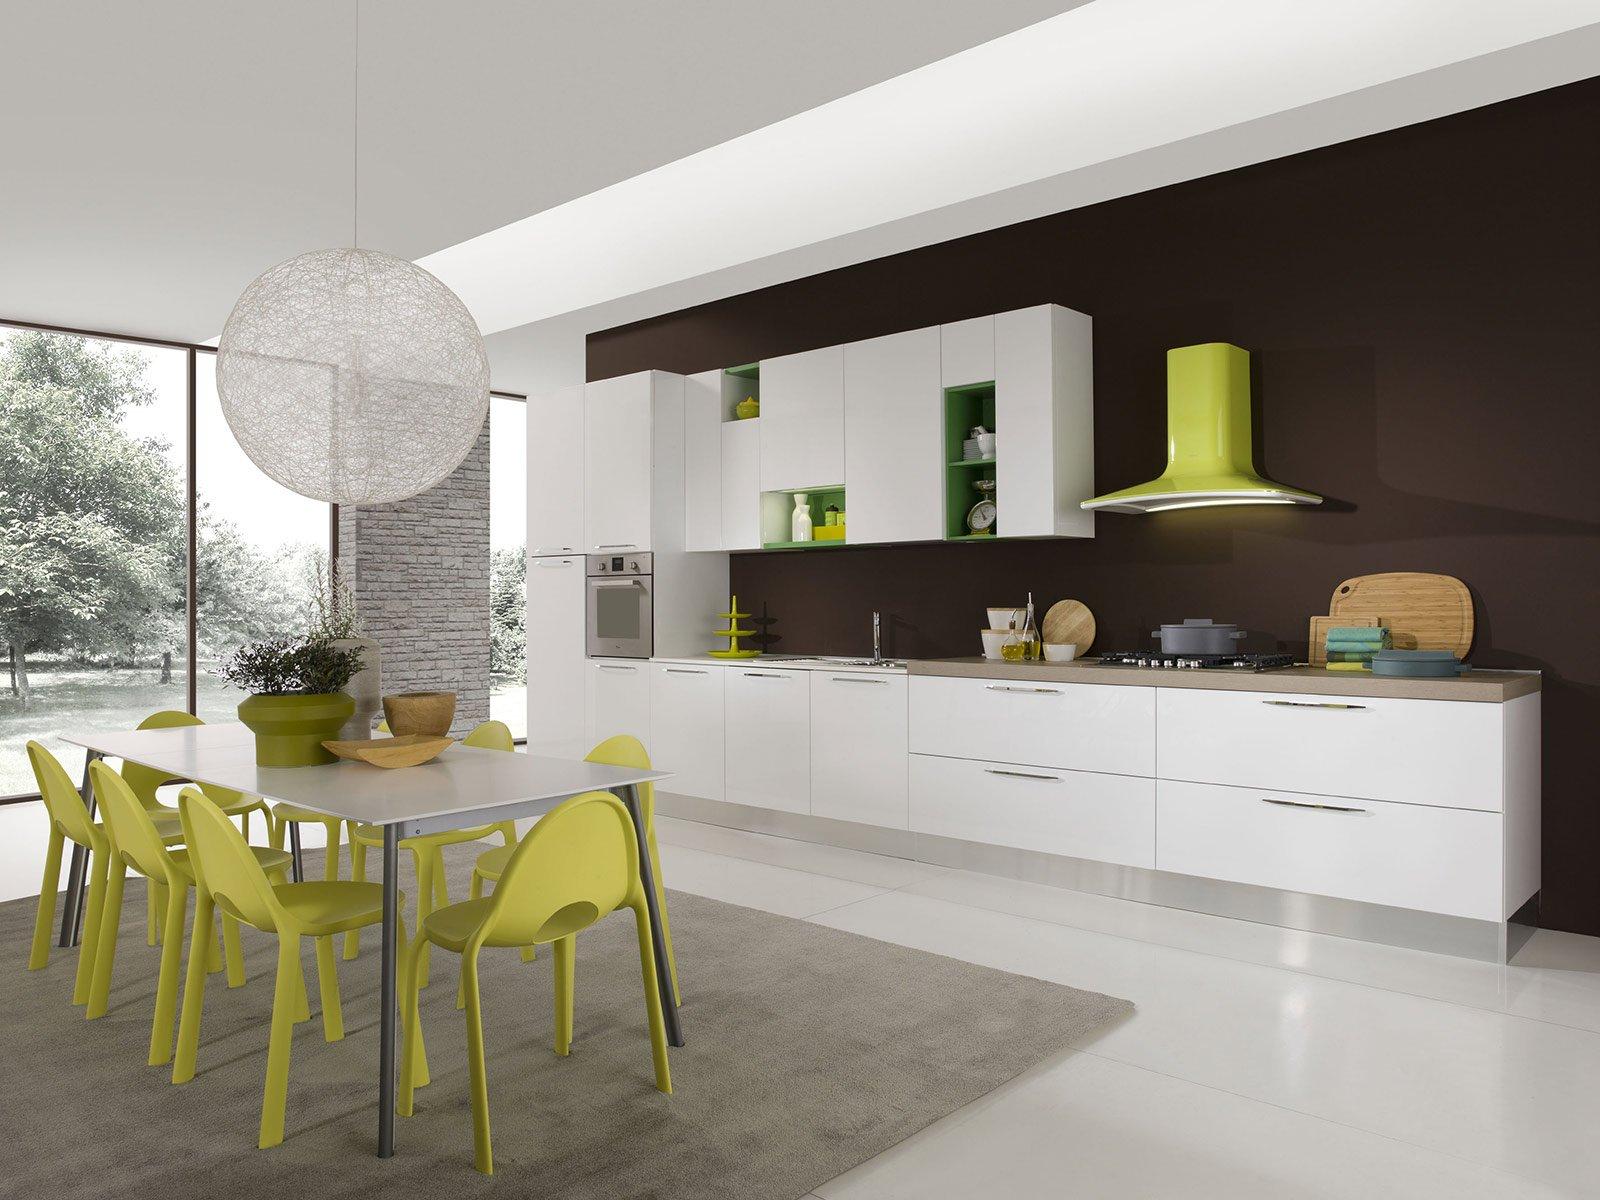 Cucina Bianca Parete Marrone : Cucina a gas usata marche. Cucina a ...